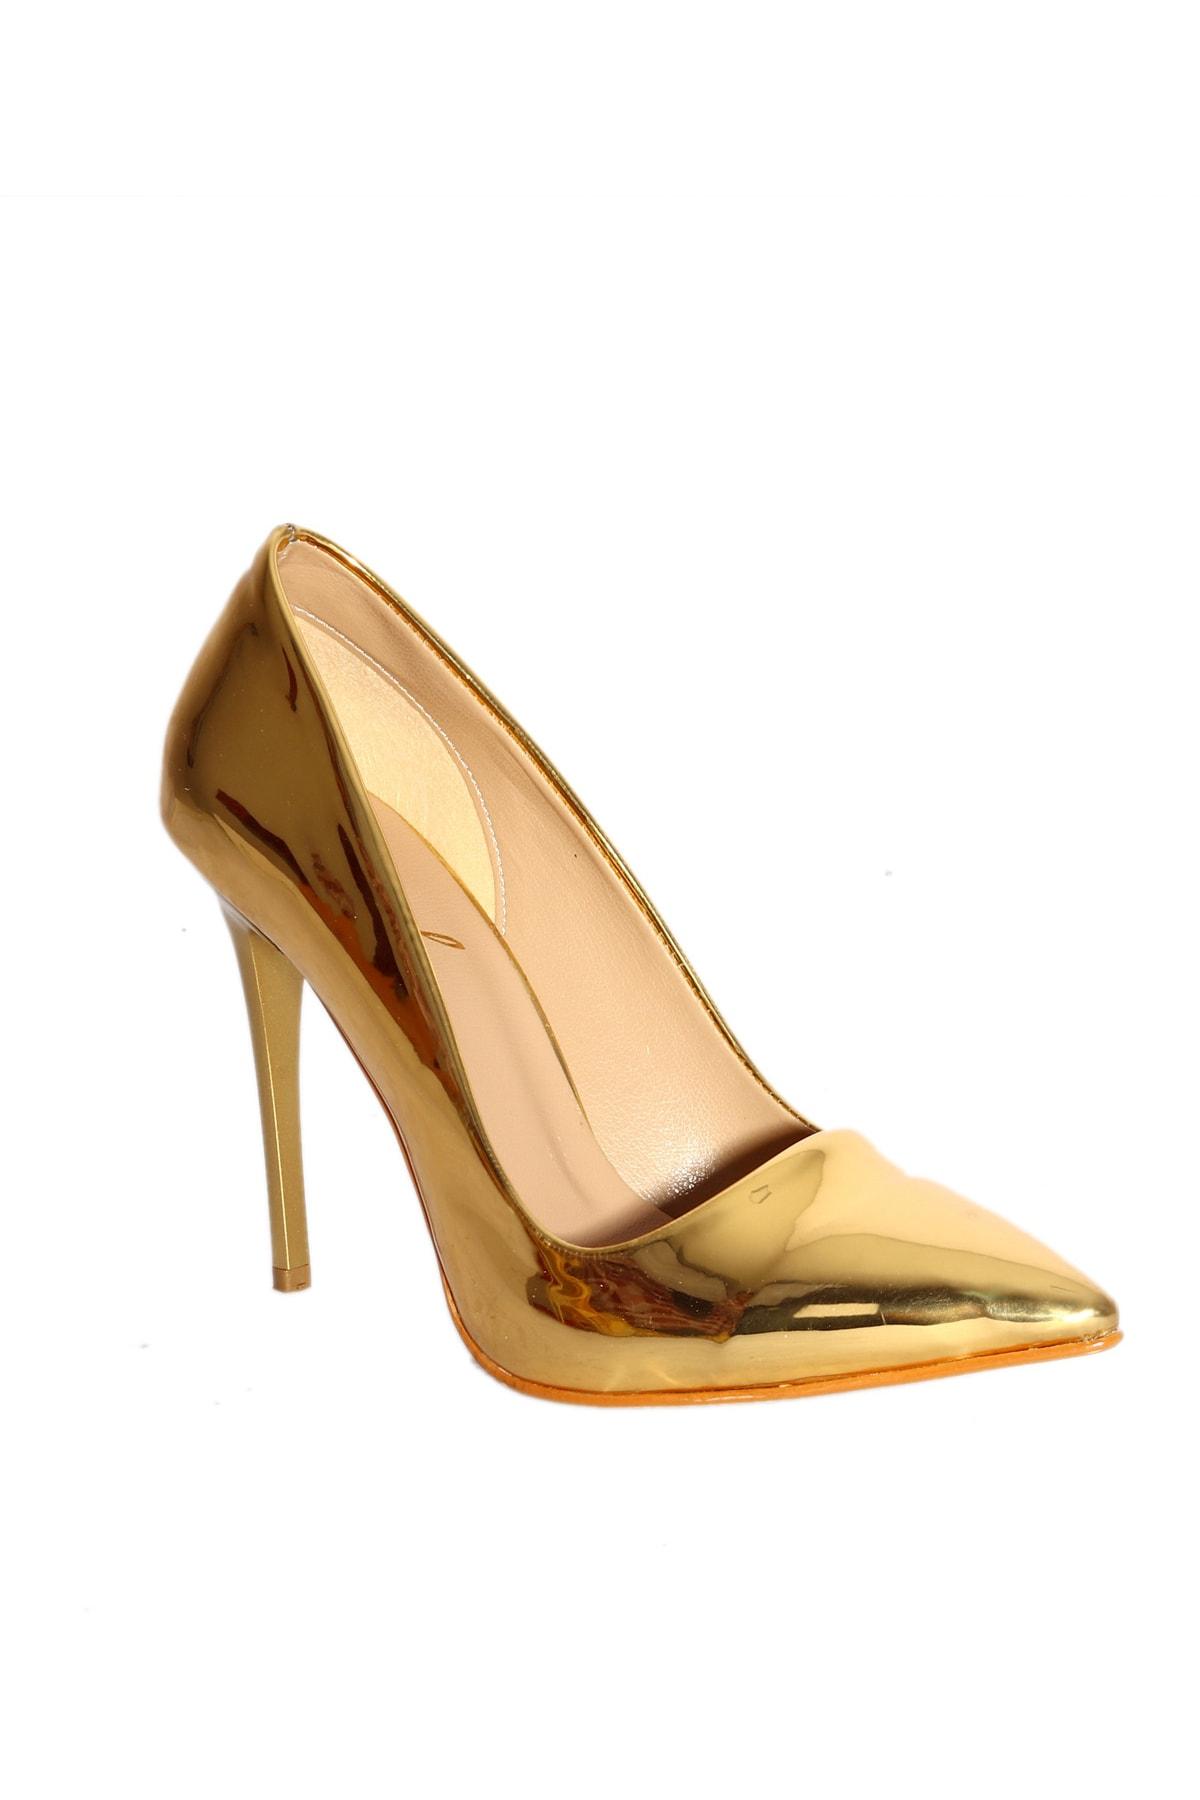 TRENDBU AYAKKABI Gold Kadın Klasik Topuklu Ayakkabı KLAS6666 2